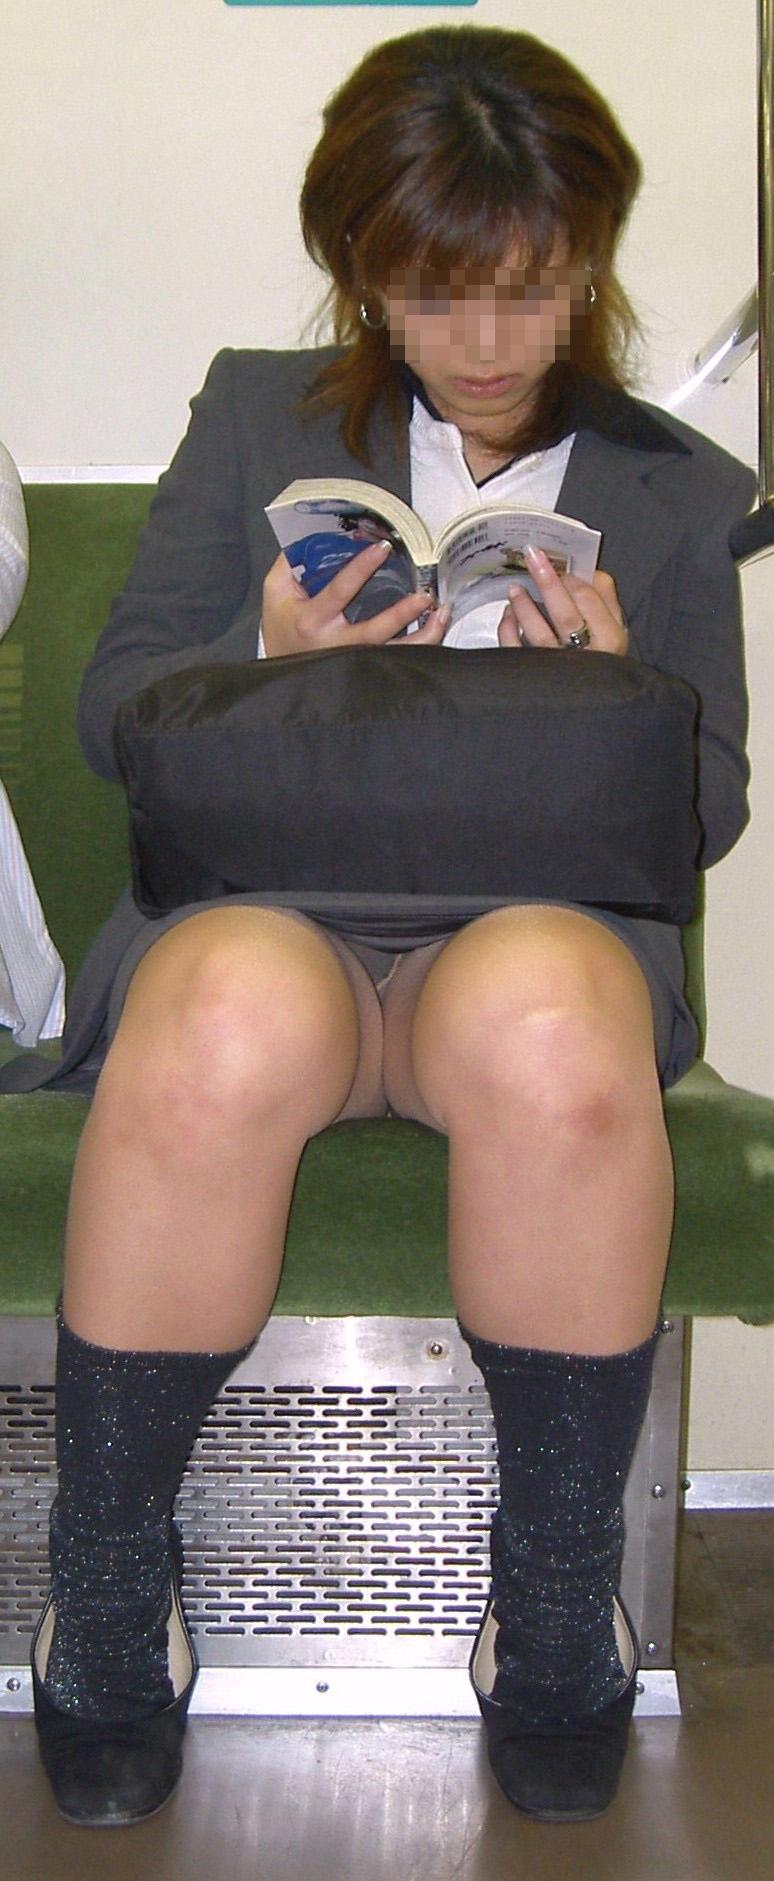 【盗撮パンチラエロ画像】対面の席に座ったスカート姿の女の子の股間が気になる件。 26